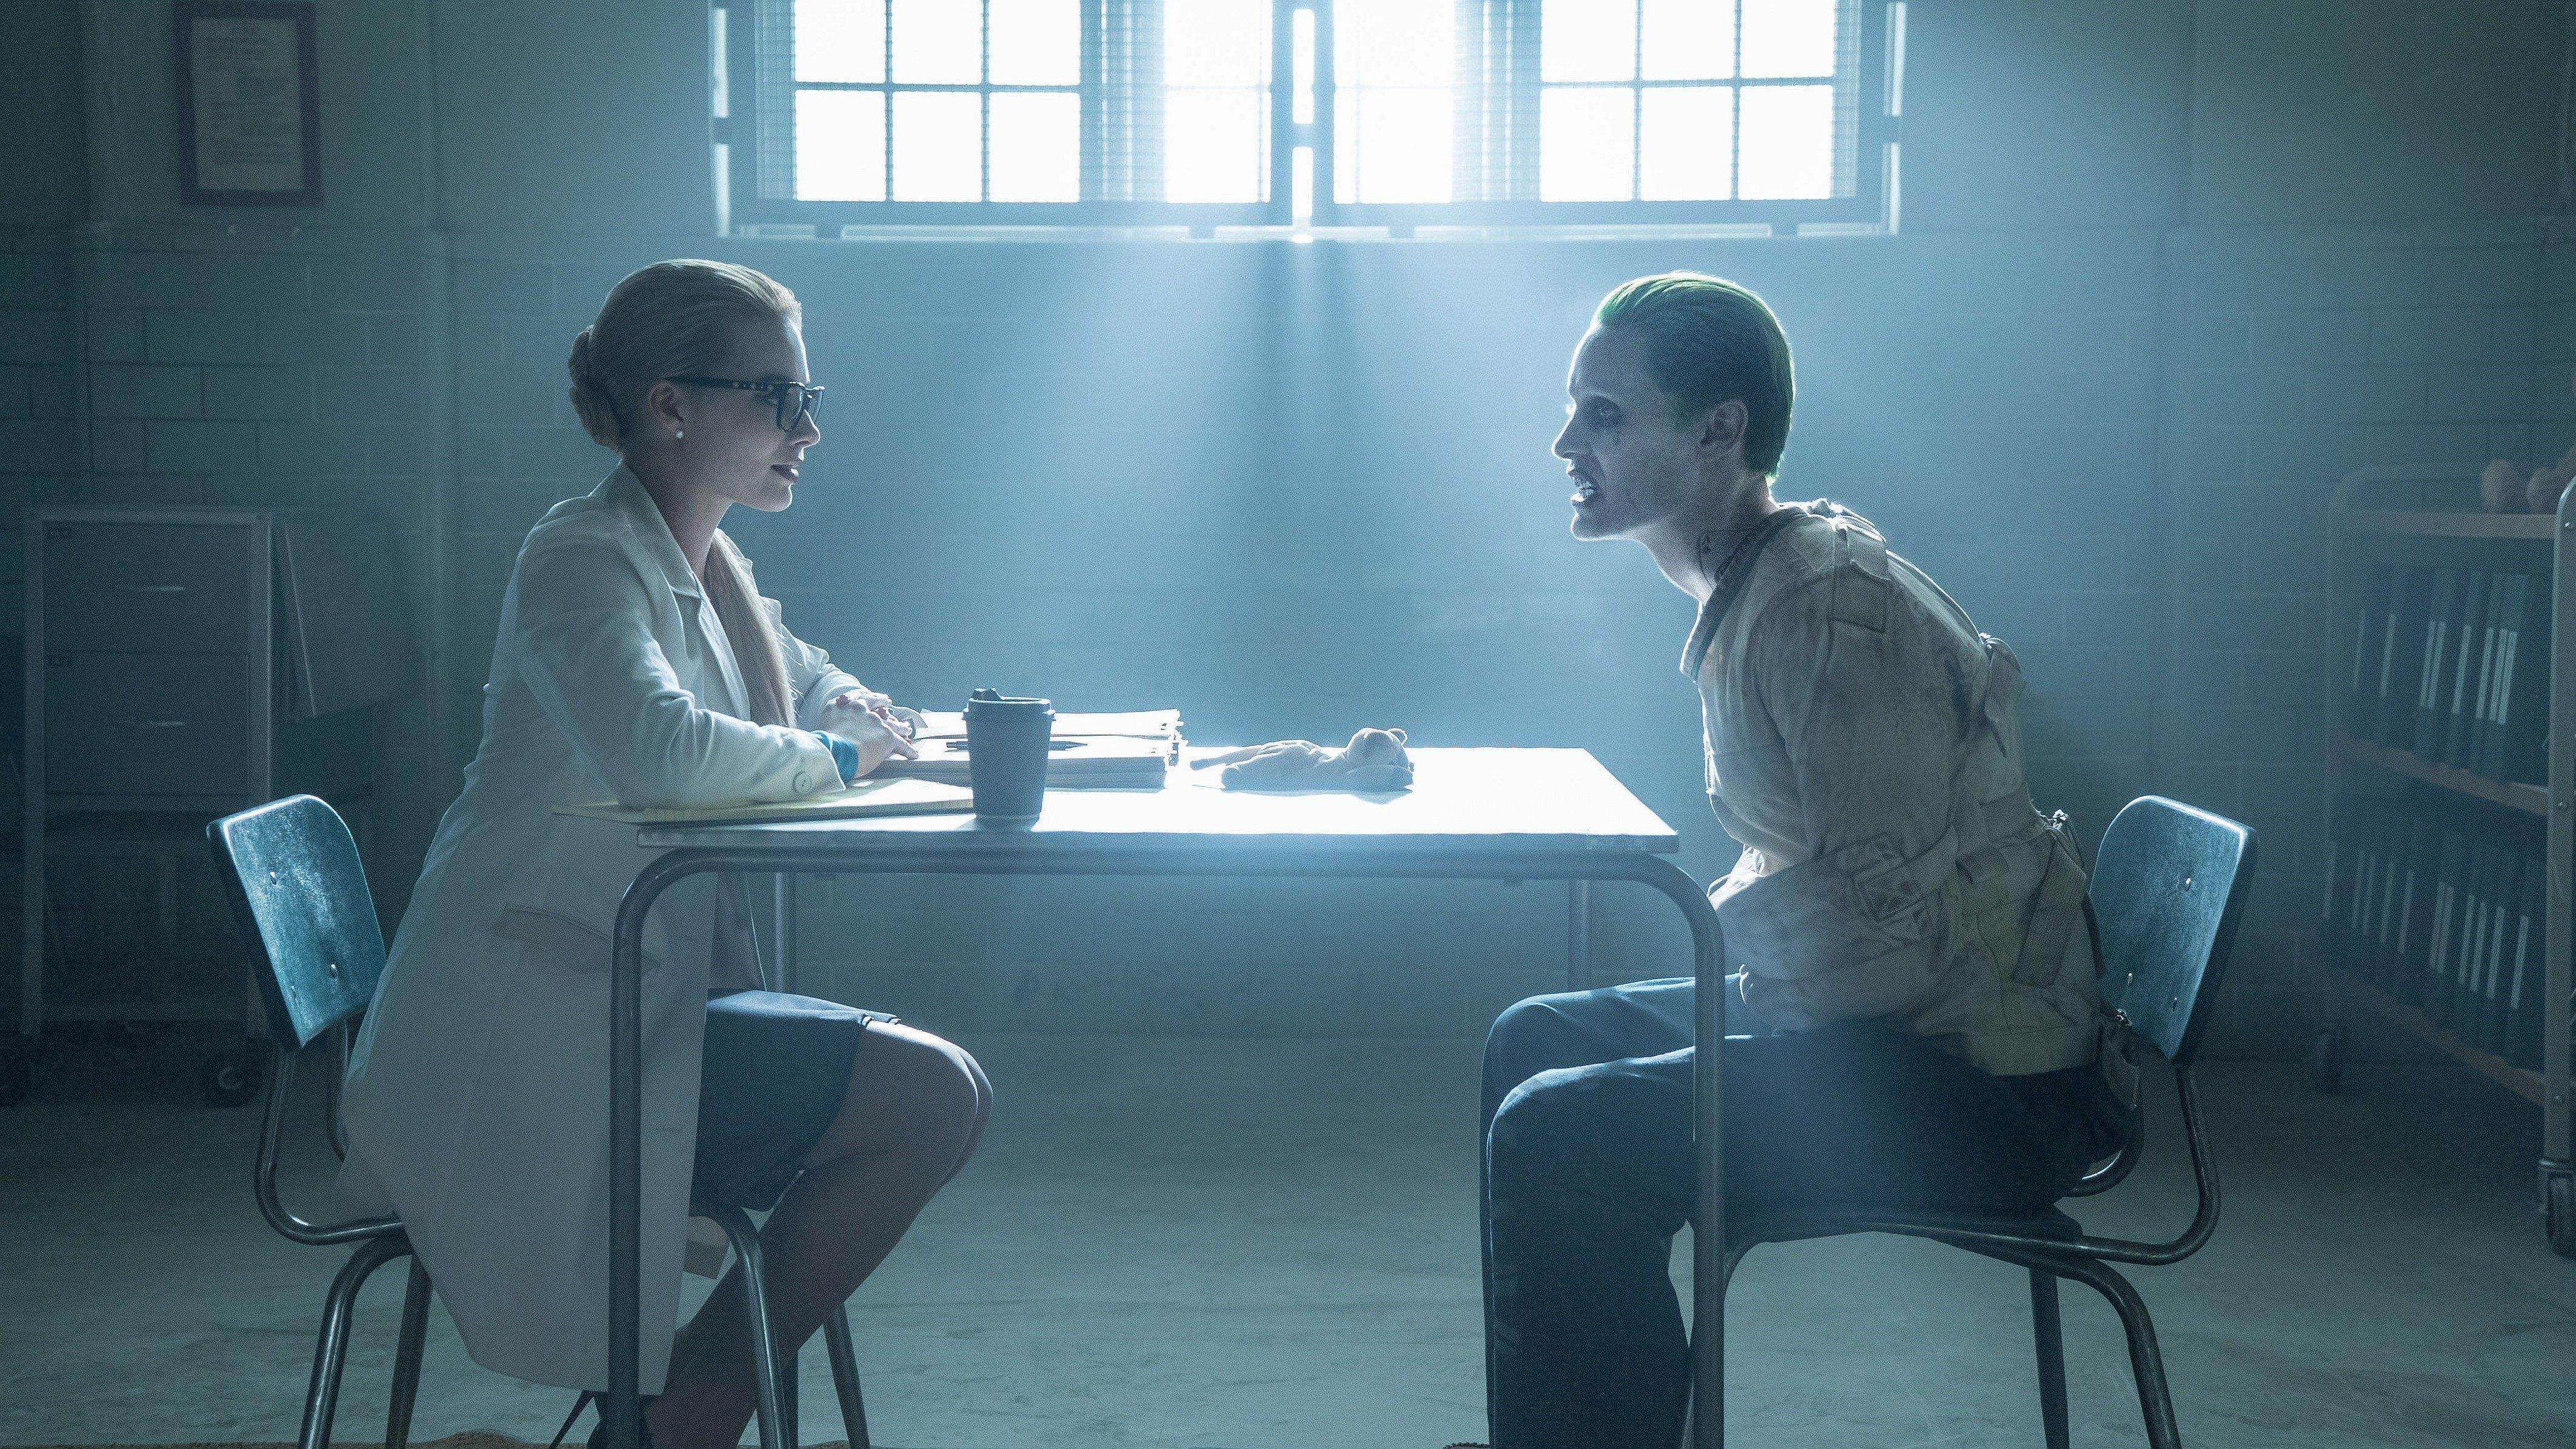 Fondos de pantalla Suicide Squad Jared Leto Joker y Margot Robbie Harley Quinn